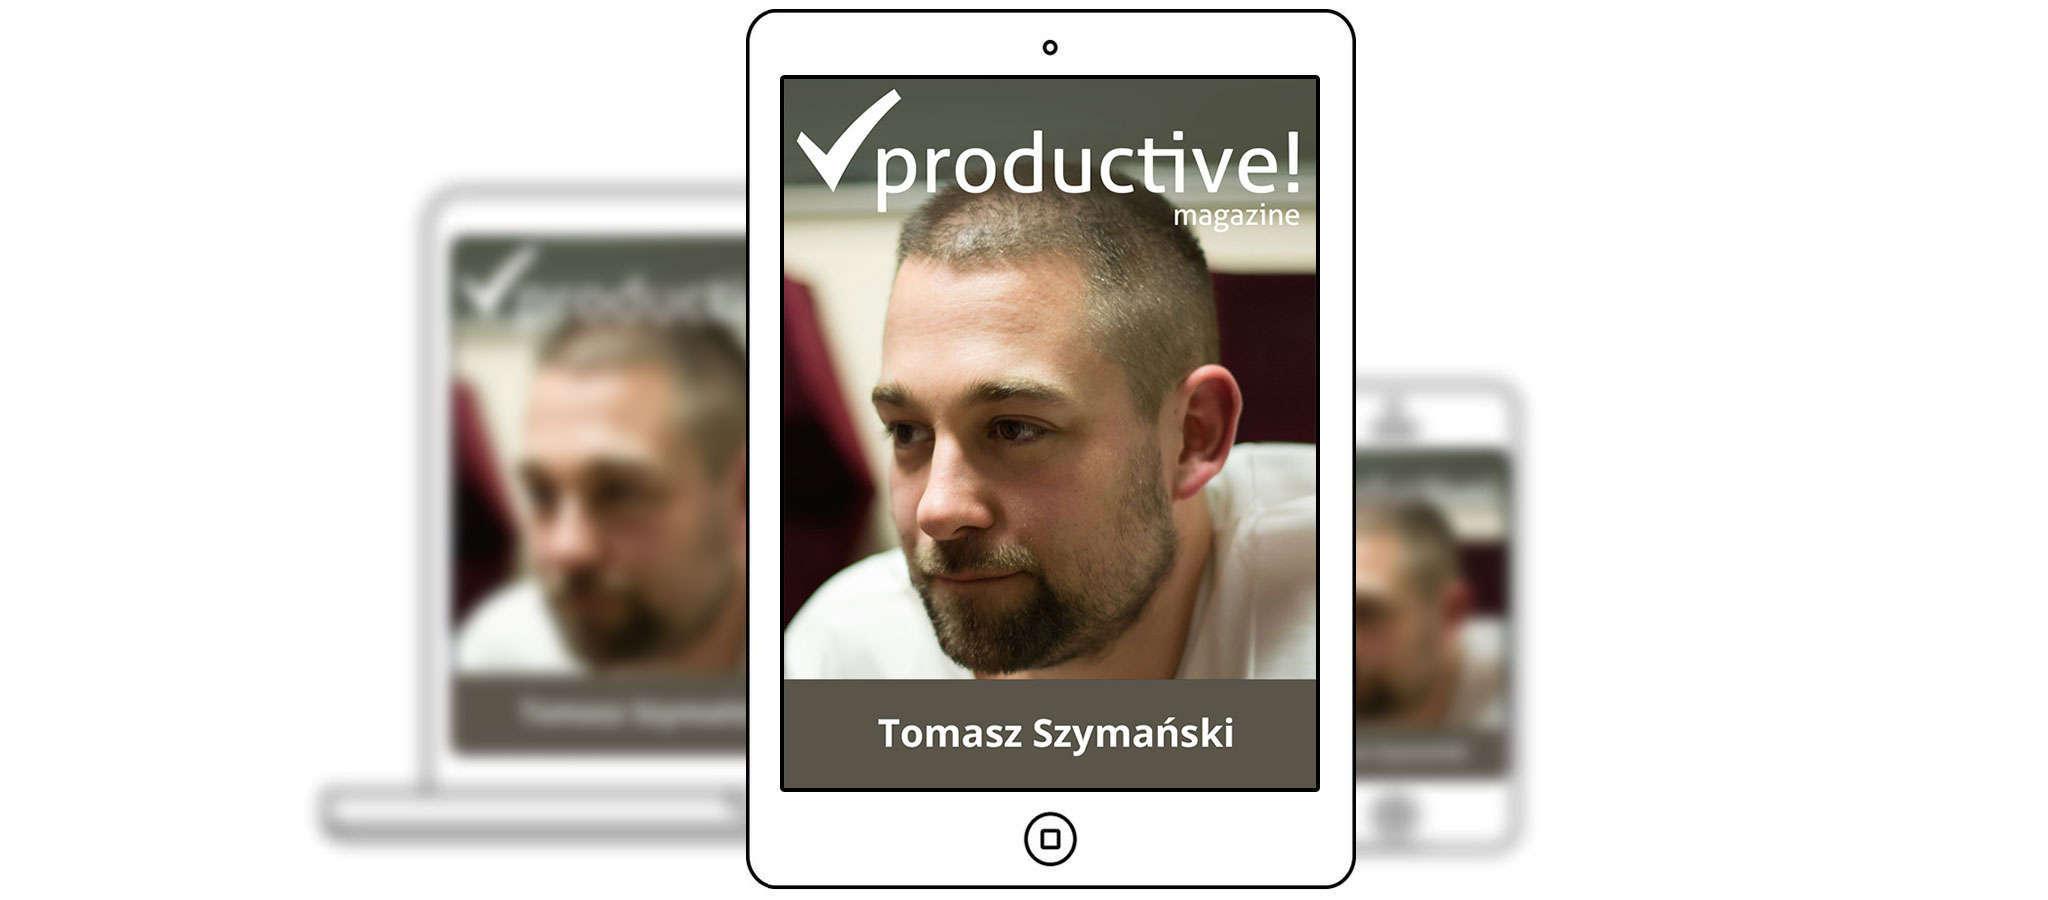 №27 with Tomasz Szymanski